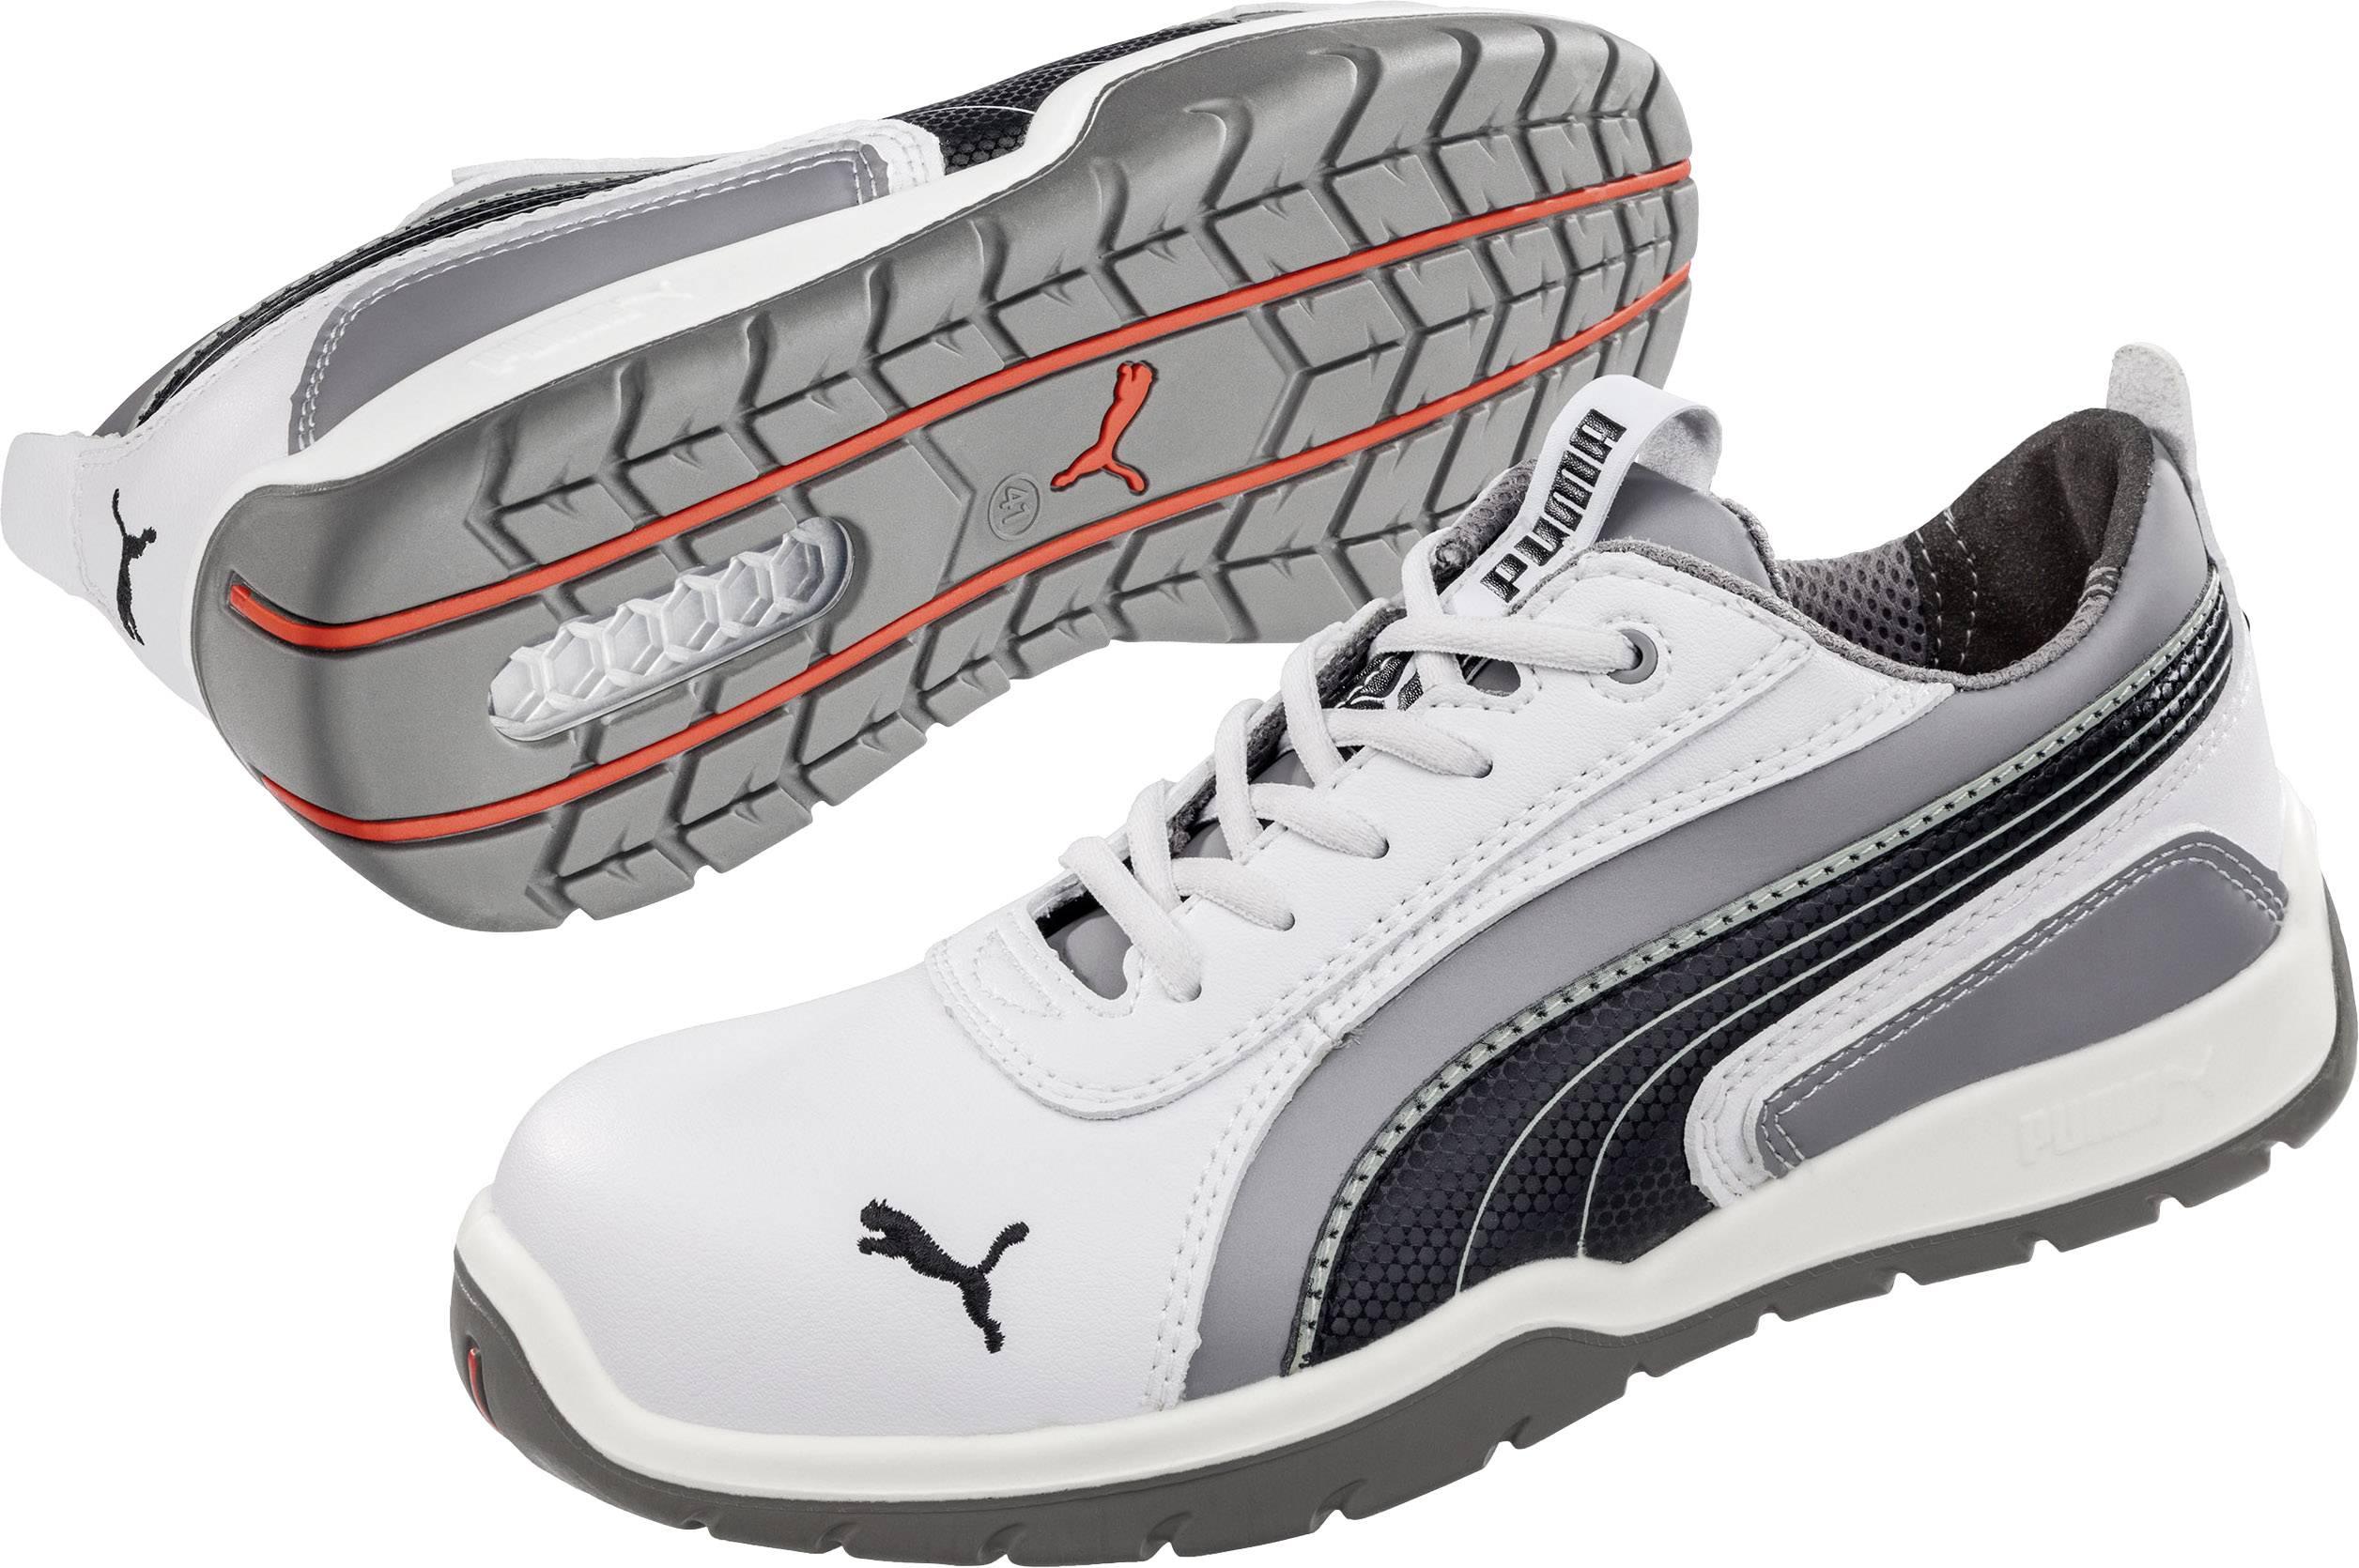 Bezpečnostná obuv S3 PUMA Safety Monaco Low 642650, veľ.: 41, biela, sivá, 1 pár